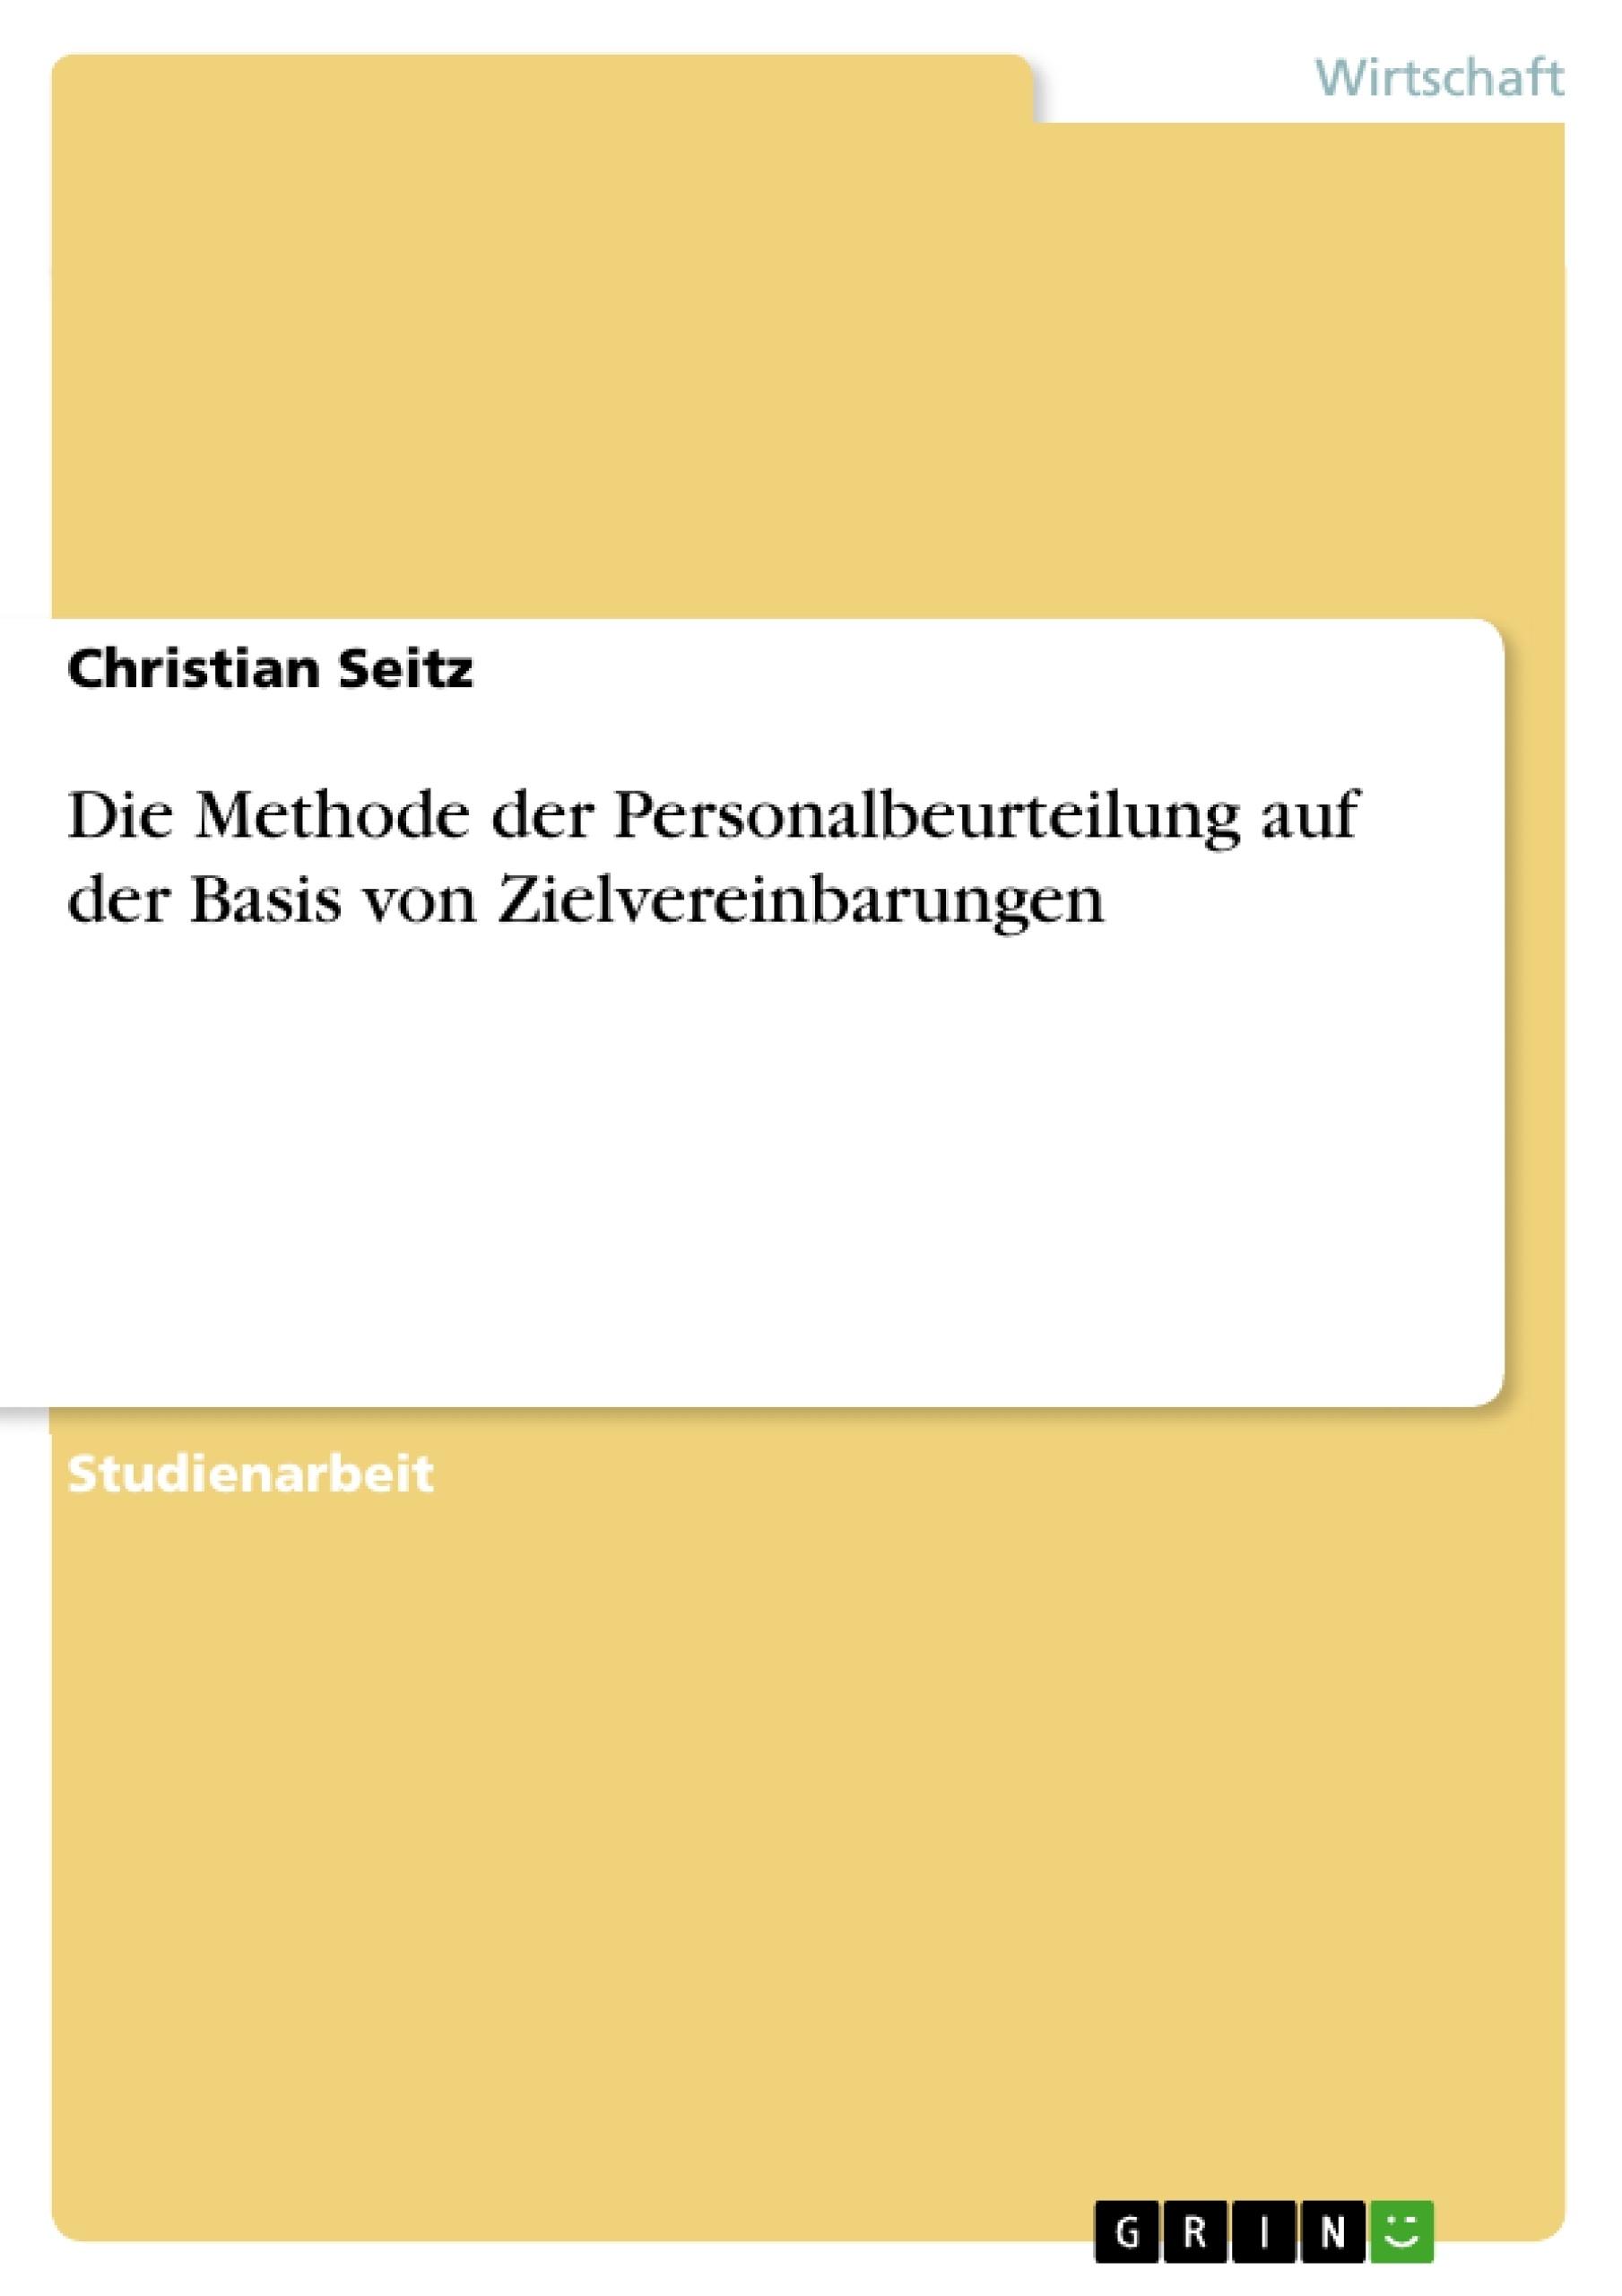 Titel: Die Methode der Personalbeurteilung auf der Basis von Zielvereinbarungen